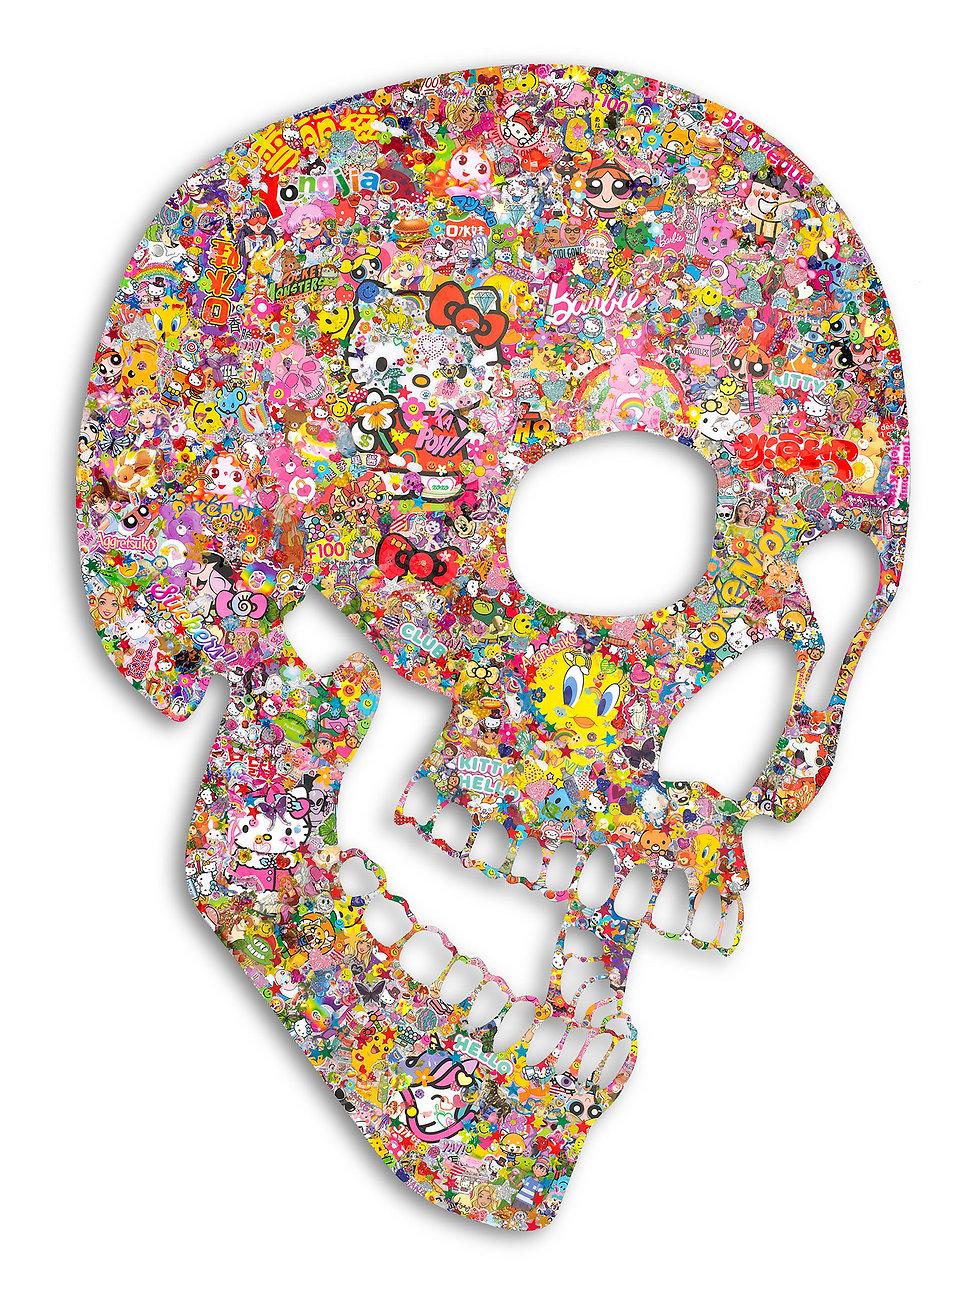 Bob_Skull_LaunaWinship.jpg